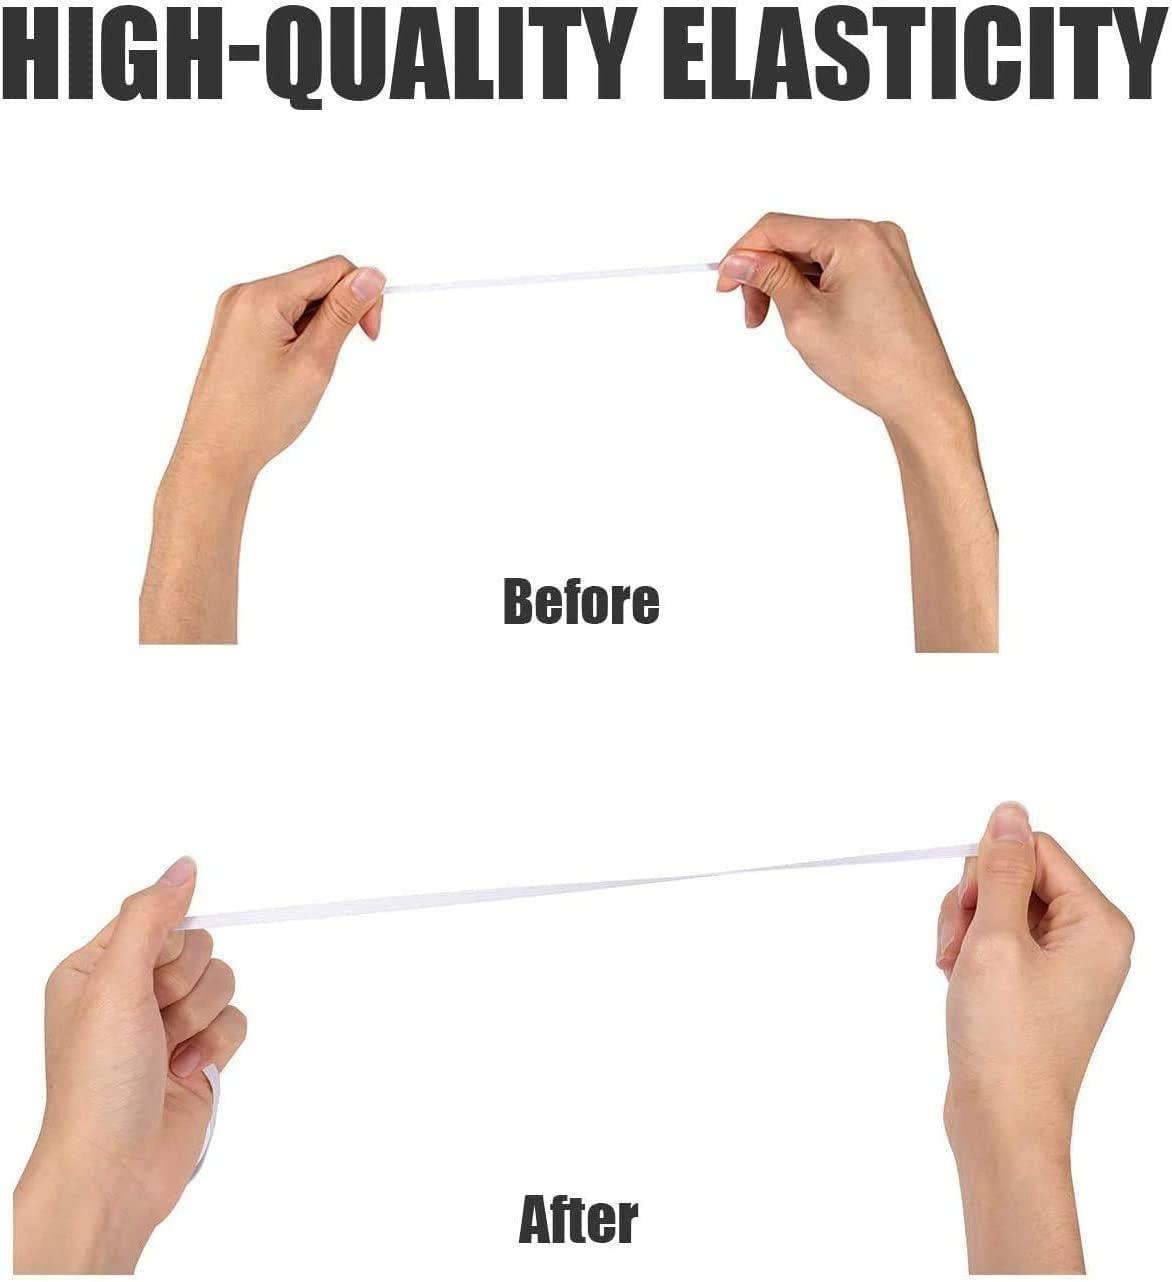 Elastique Couture Tissu Rubans Extensible pour Artisanat /à Coudre en Tricot Bricolage Loisir Cr/éatif V/êtements Blanc Plate /Élastique Couture YIDON 35 M/ètre 5mm Elastique Couture